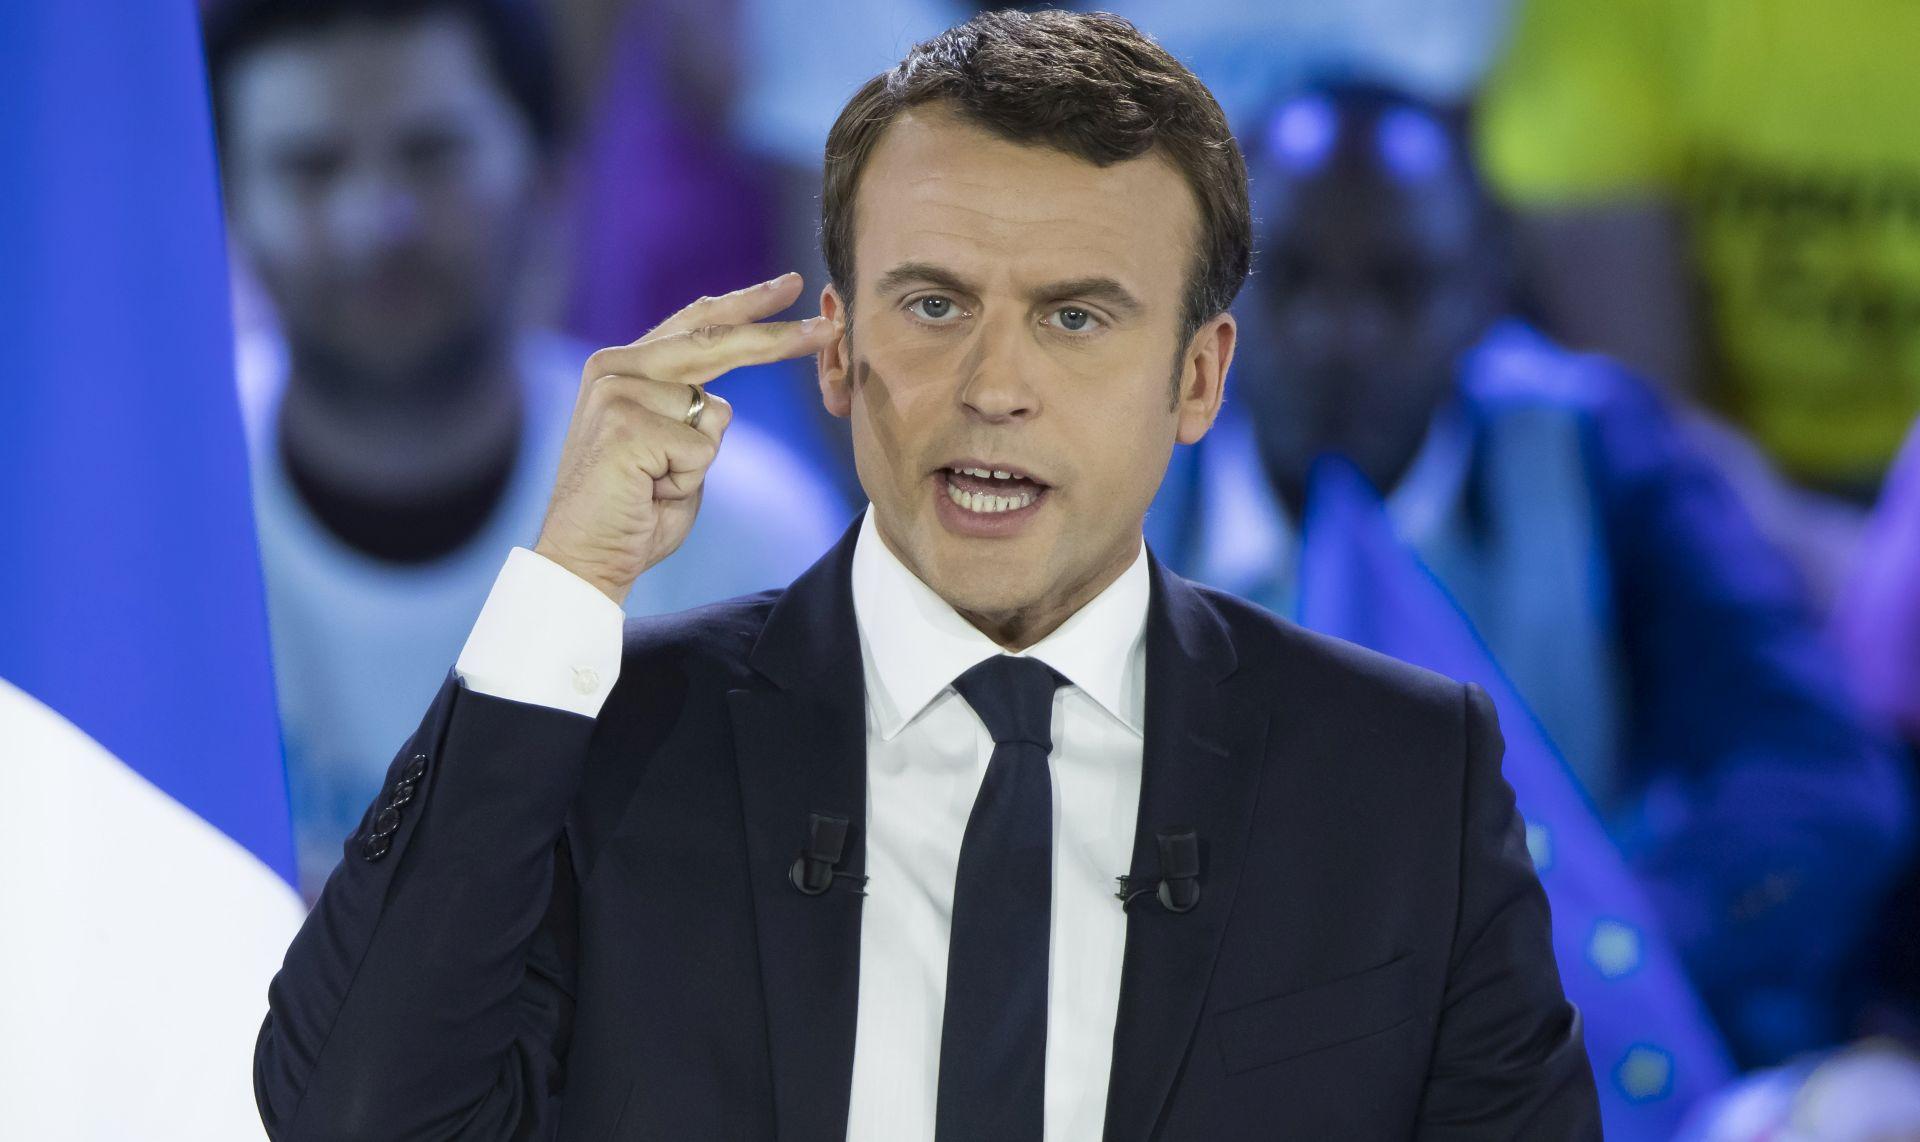 Francusko tužiteljstvo pokrenulo istragu nakon Macronove tužbe za širenje lažnih vijesti